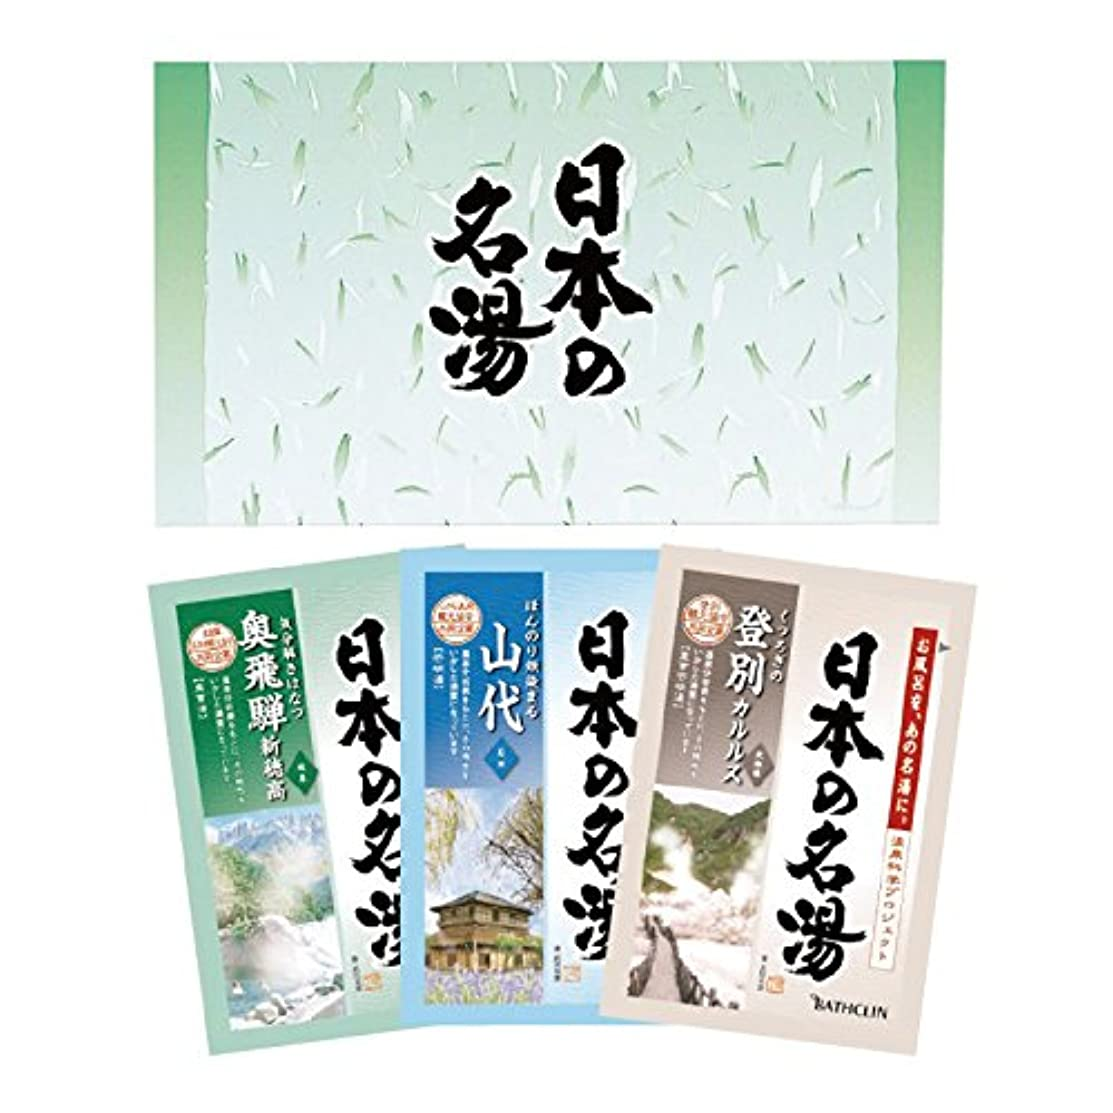 観察面白い毒日本の名湯 入浴剤 3包入